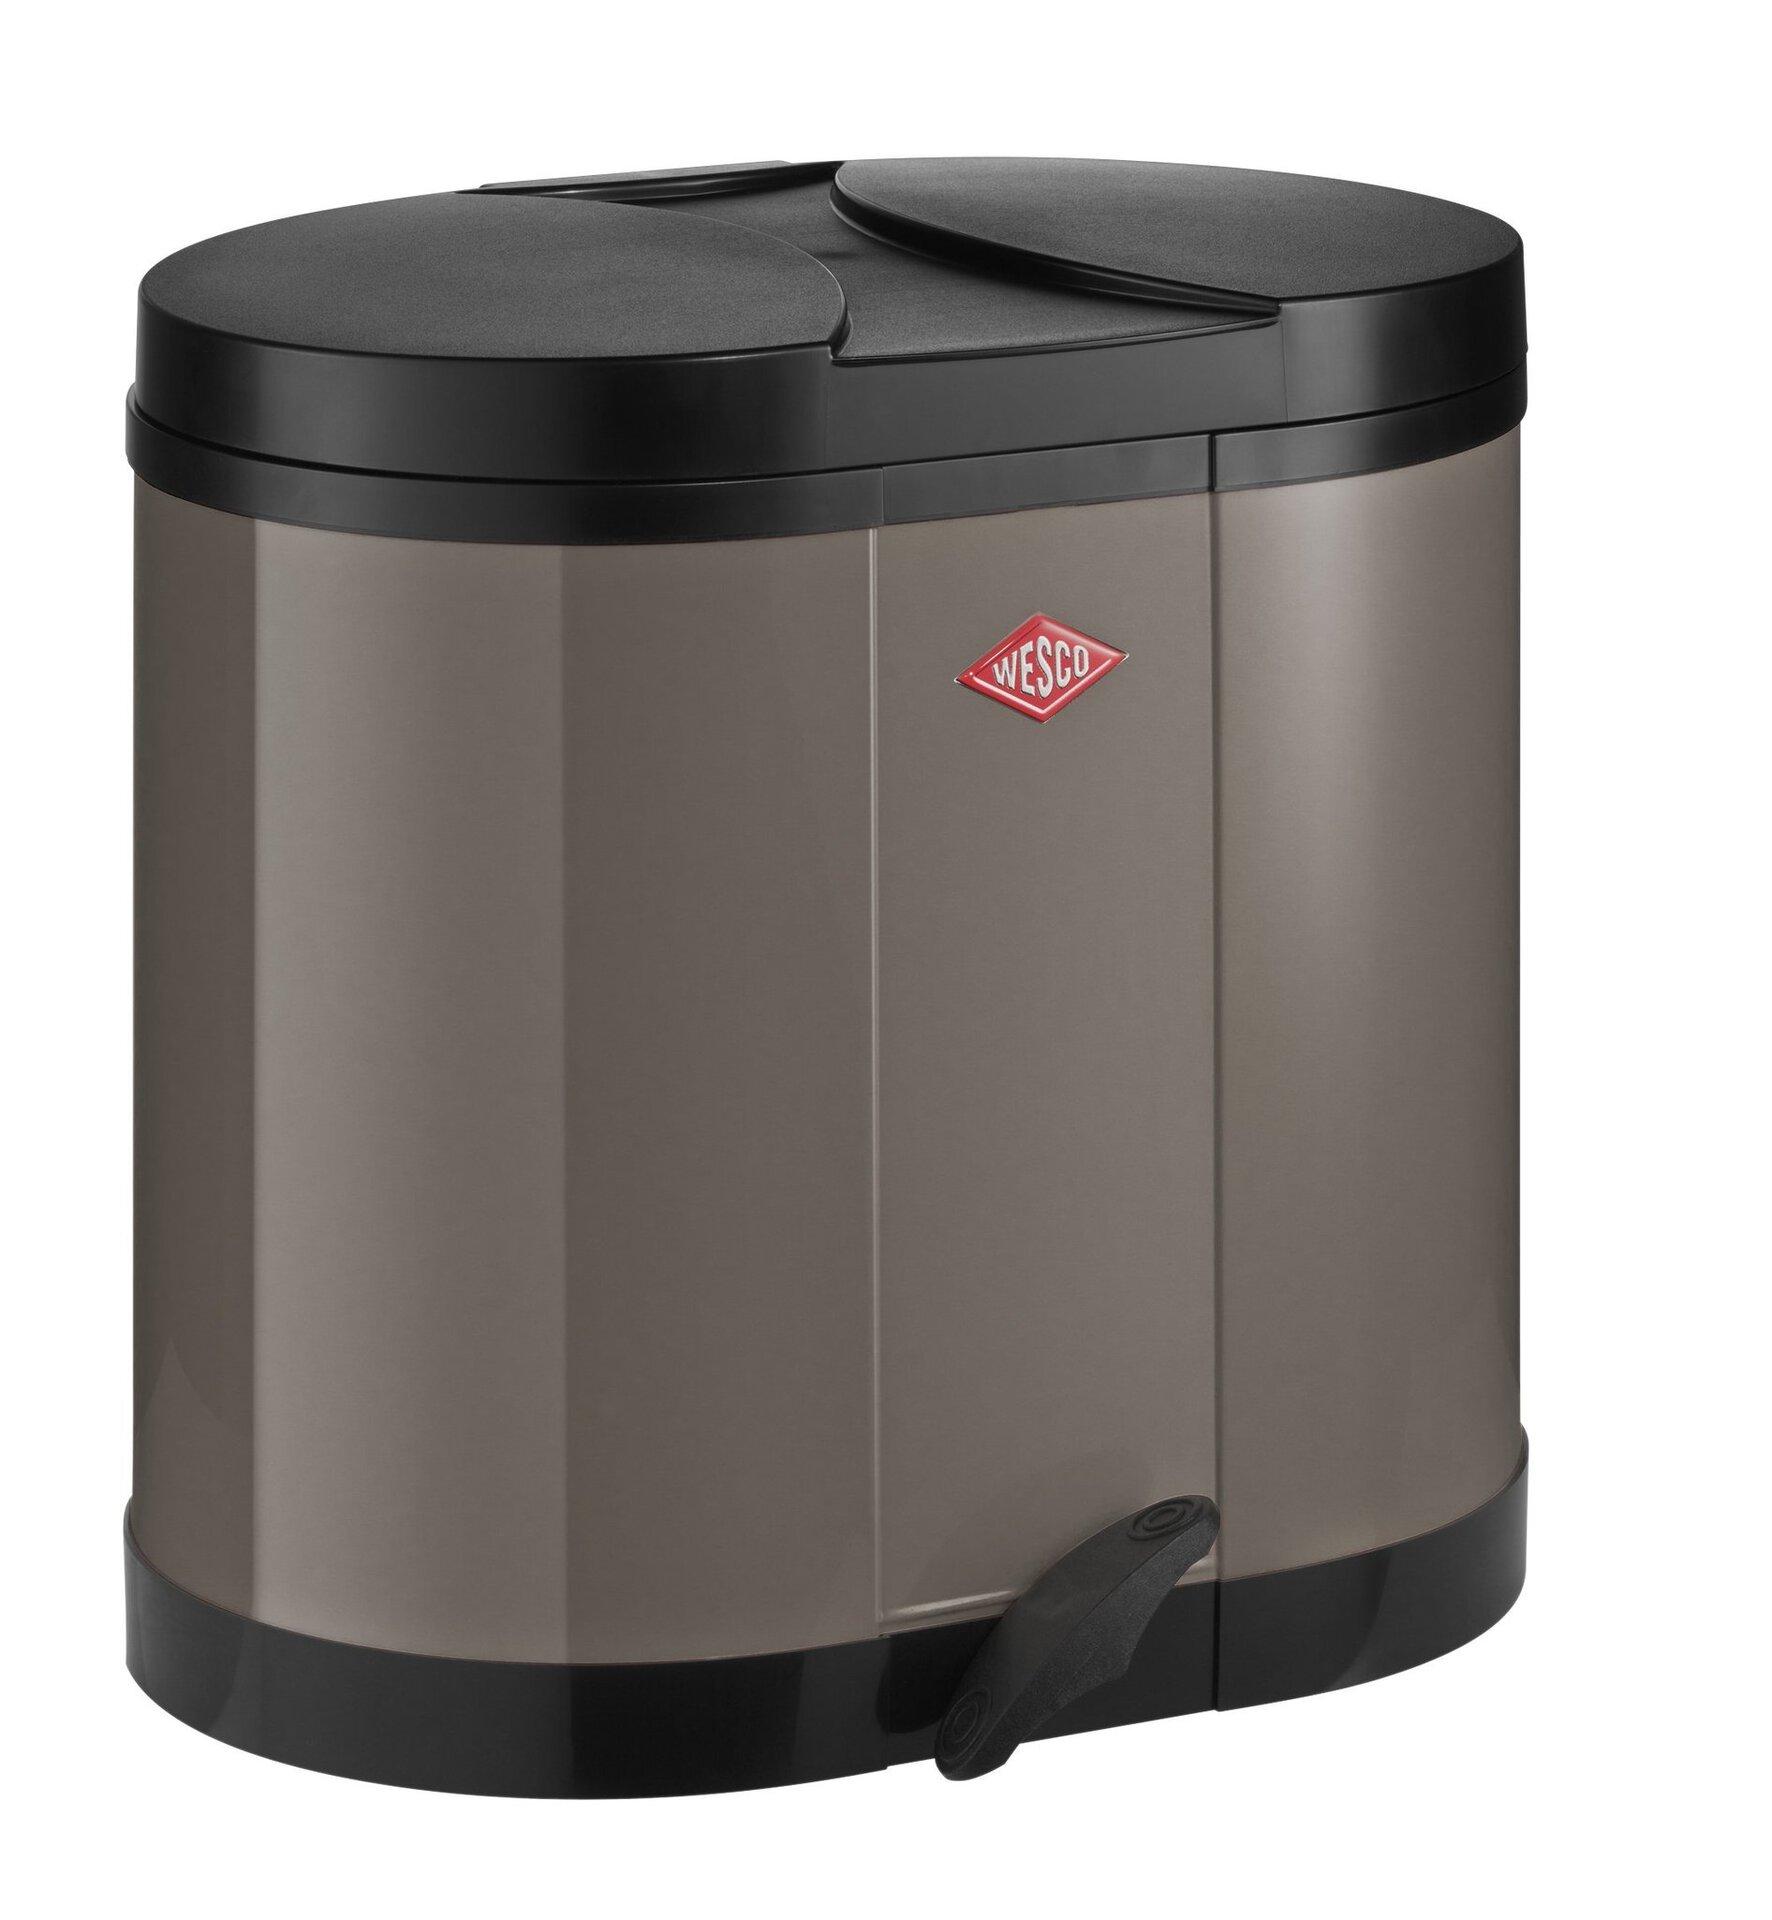 Müllbehälter Wesco Metall 45 x 43 x 36 cm